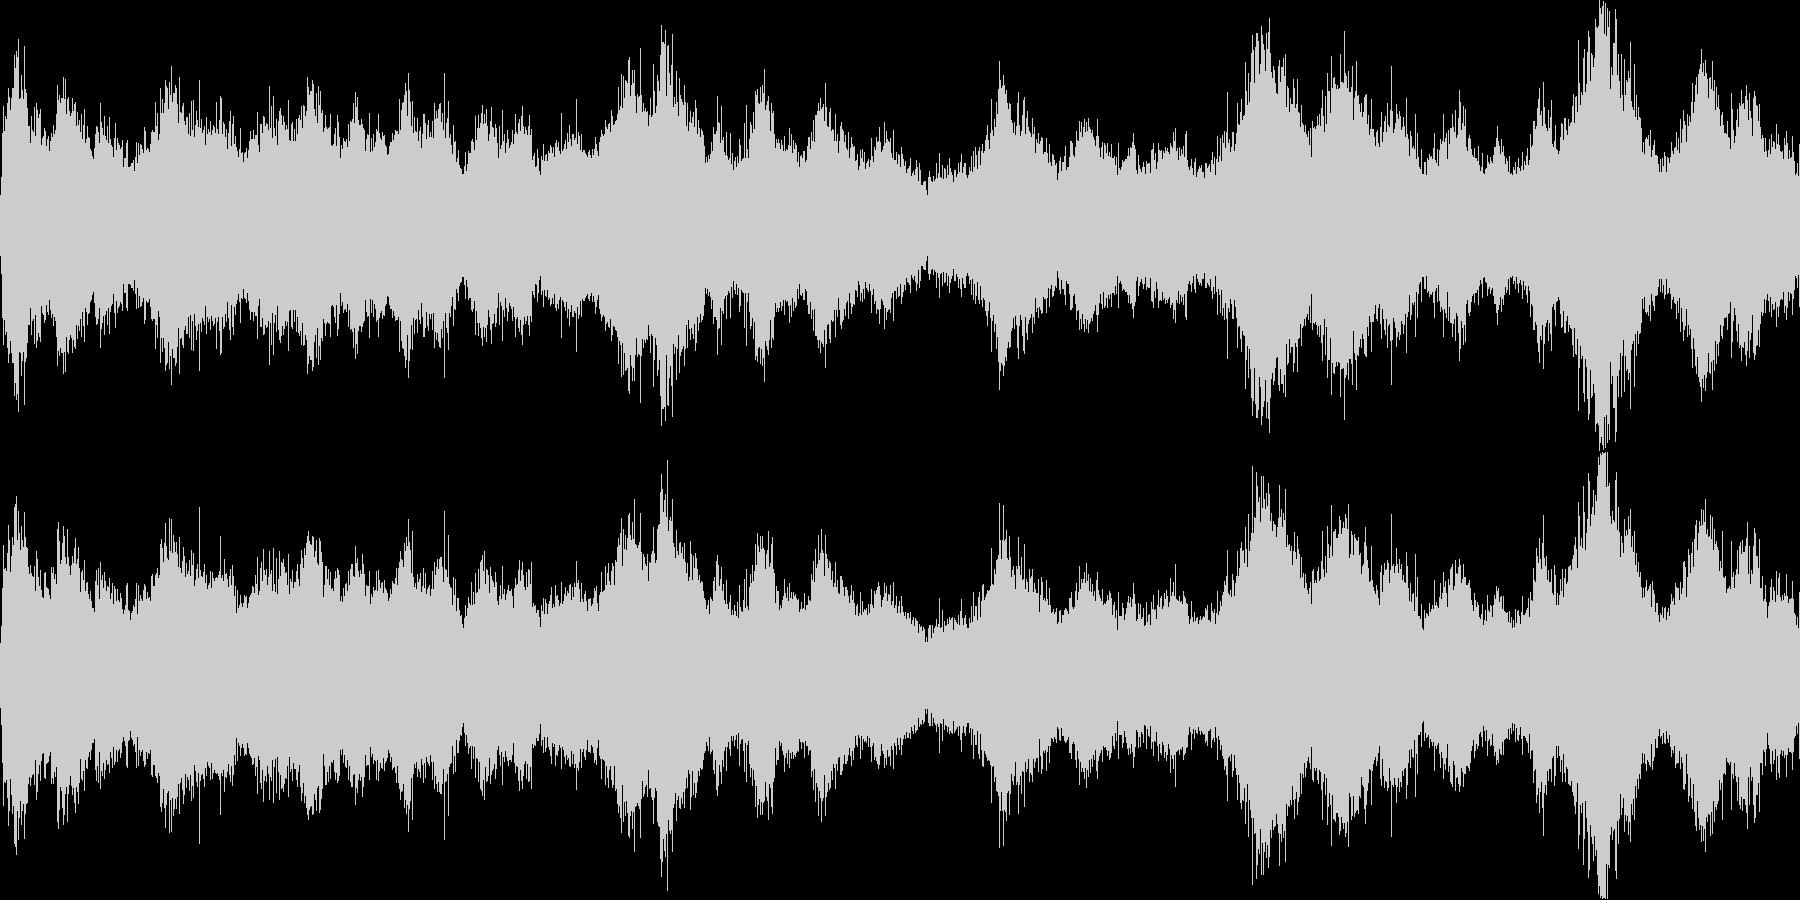 風が吹く2(環境音)の未再生の波形